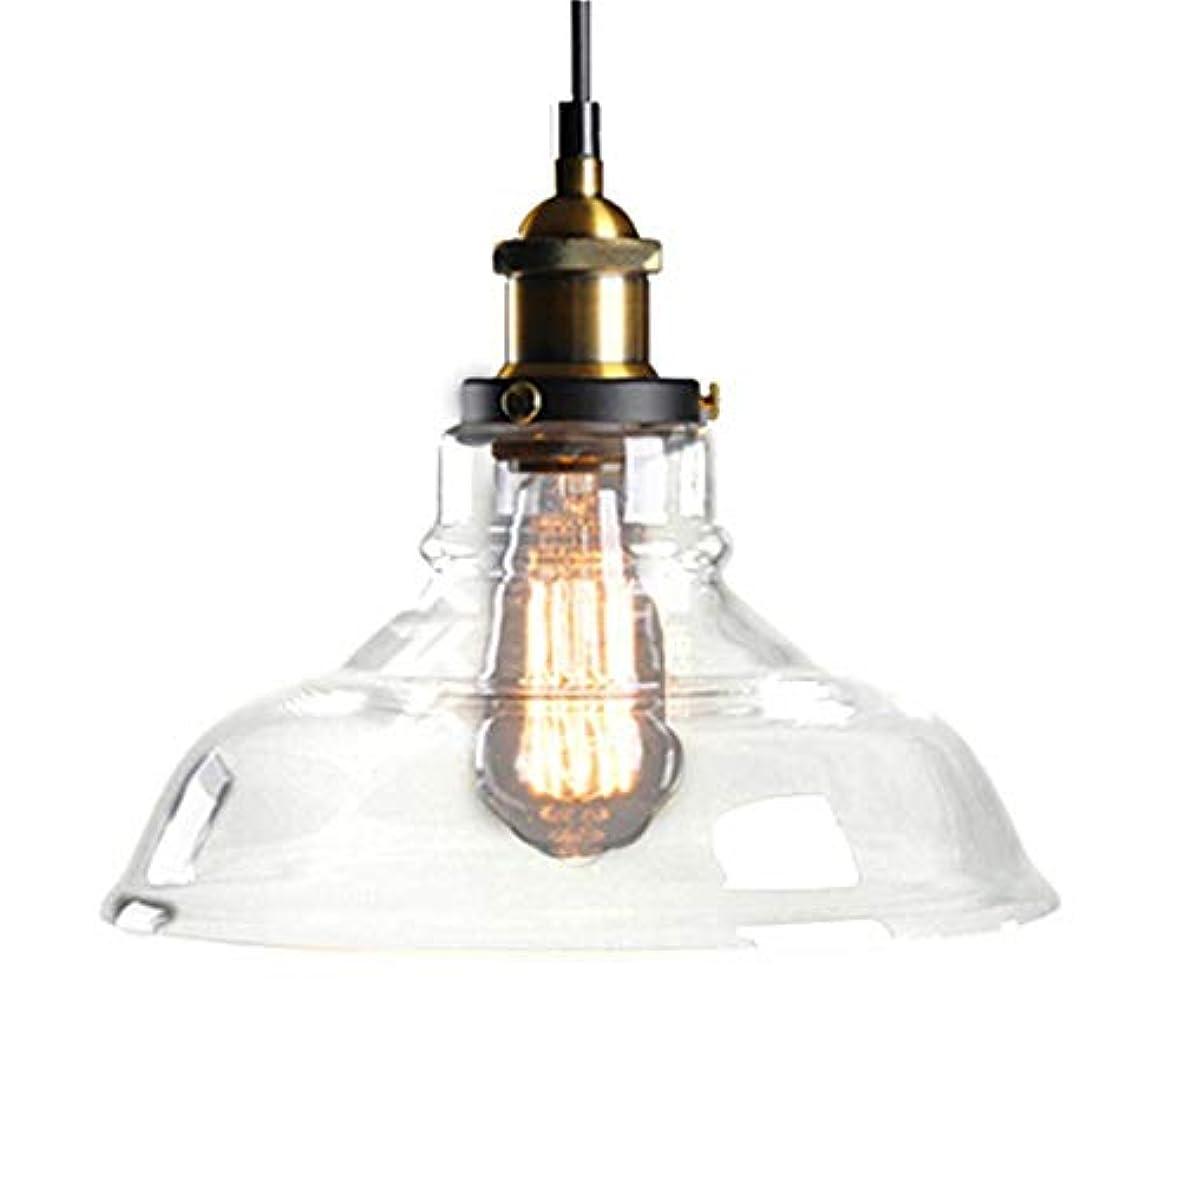 等価おそらく戻す北ヨーロッパおよびアメリカ様式の農村産業風の創造的な単一のヘッドガラスランプシェード